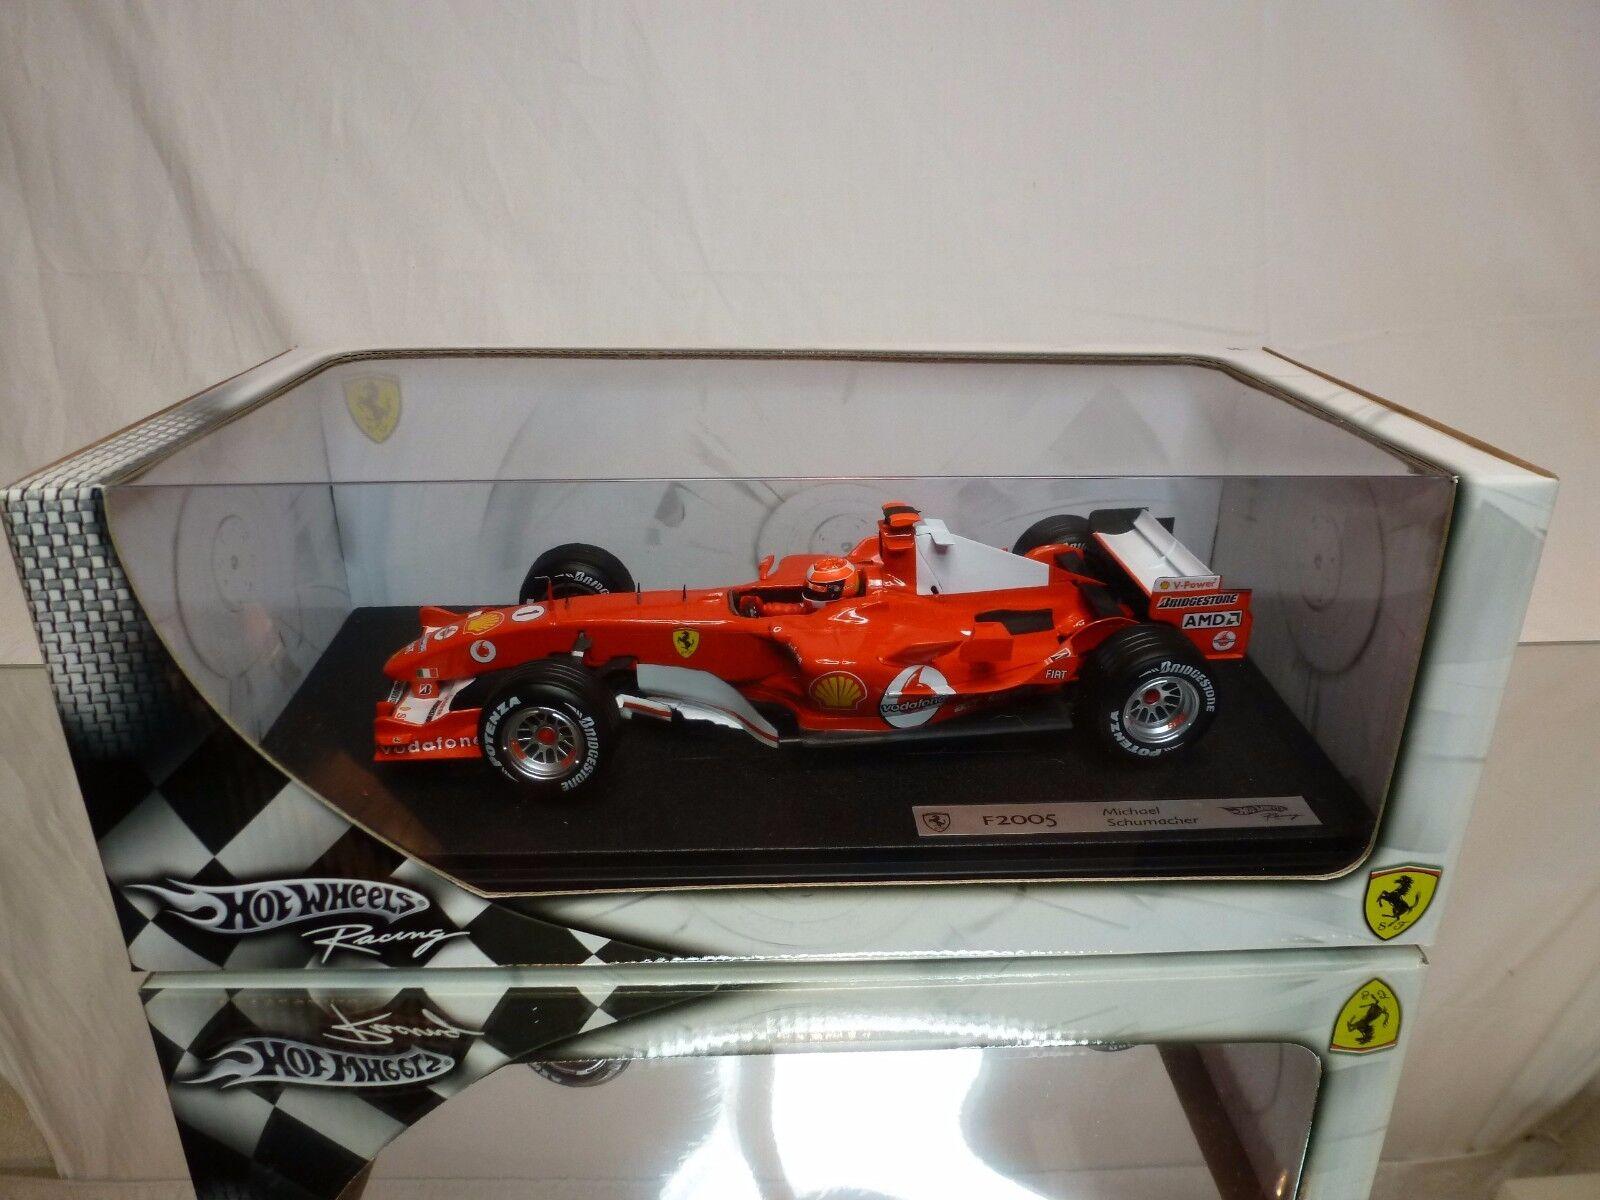 HOT WHEELS G3764 FERRARI F2003 -  2 - SCHUMACHER BARICHELLO F1 1 18 - SEALED BOX